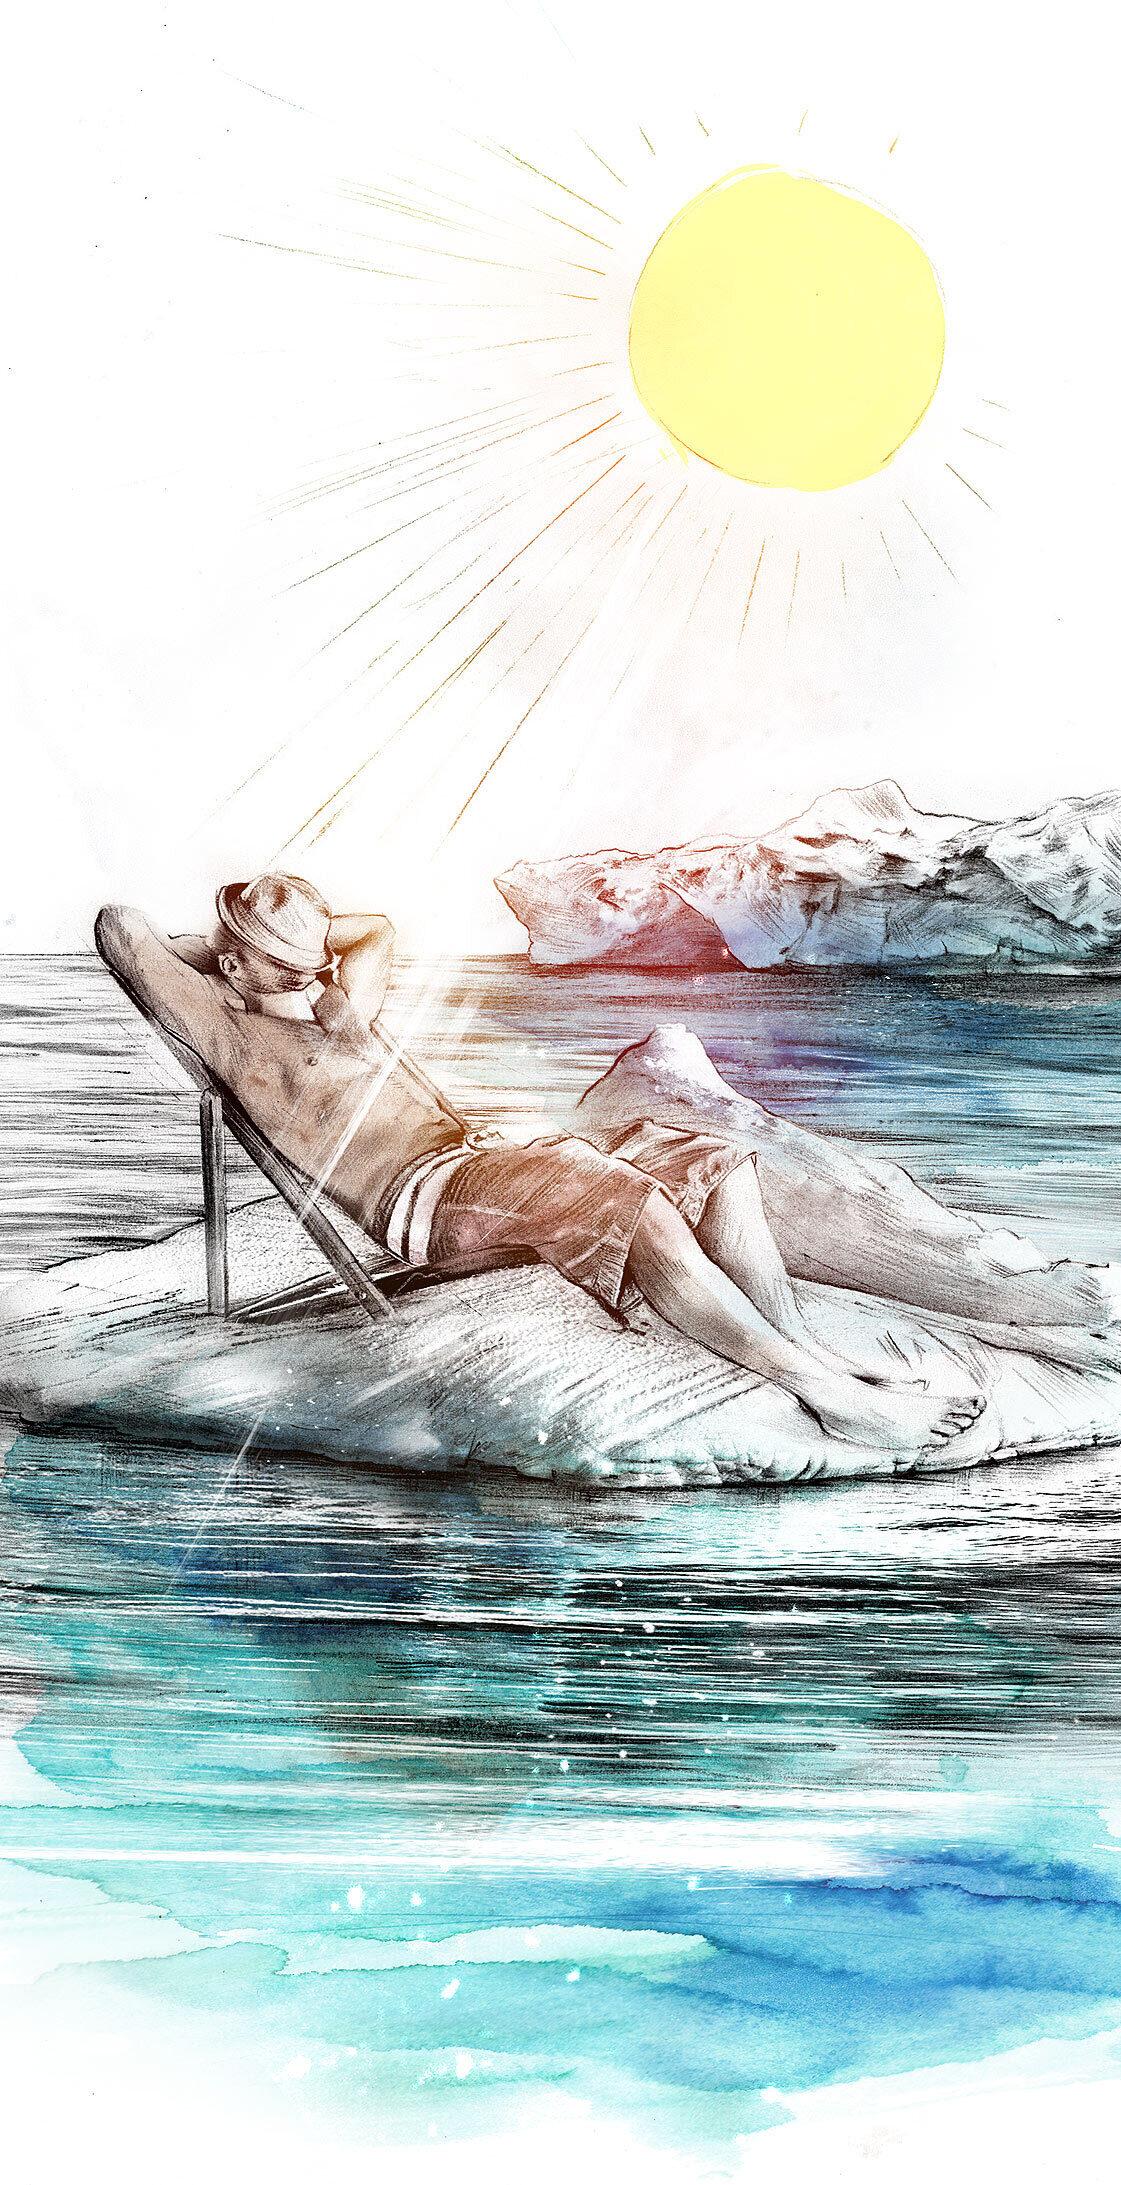 Eisscholle Klimawandel illustration - Kornel Illustration | Kornel Stadler portfolio